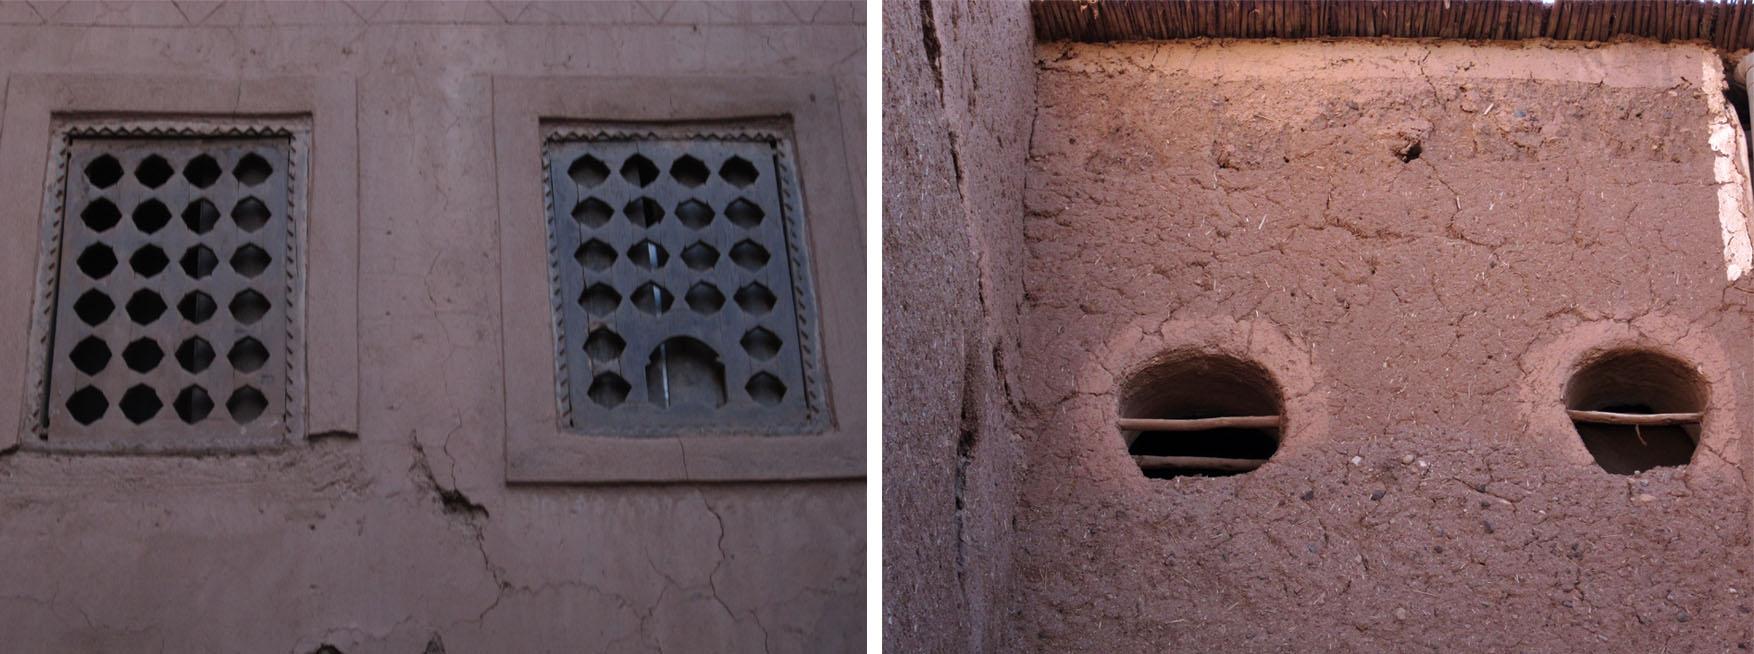 44 maroko ouarzazate kazba detalji otvora